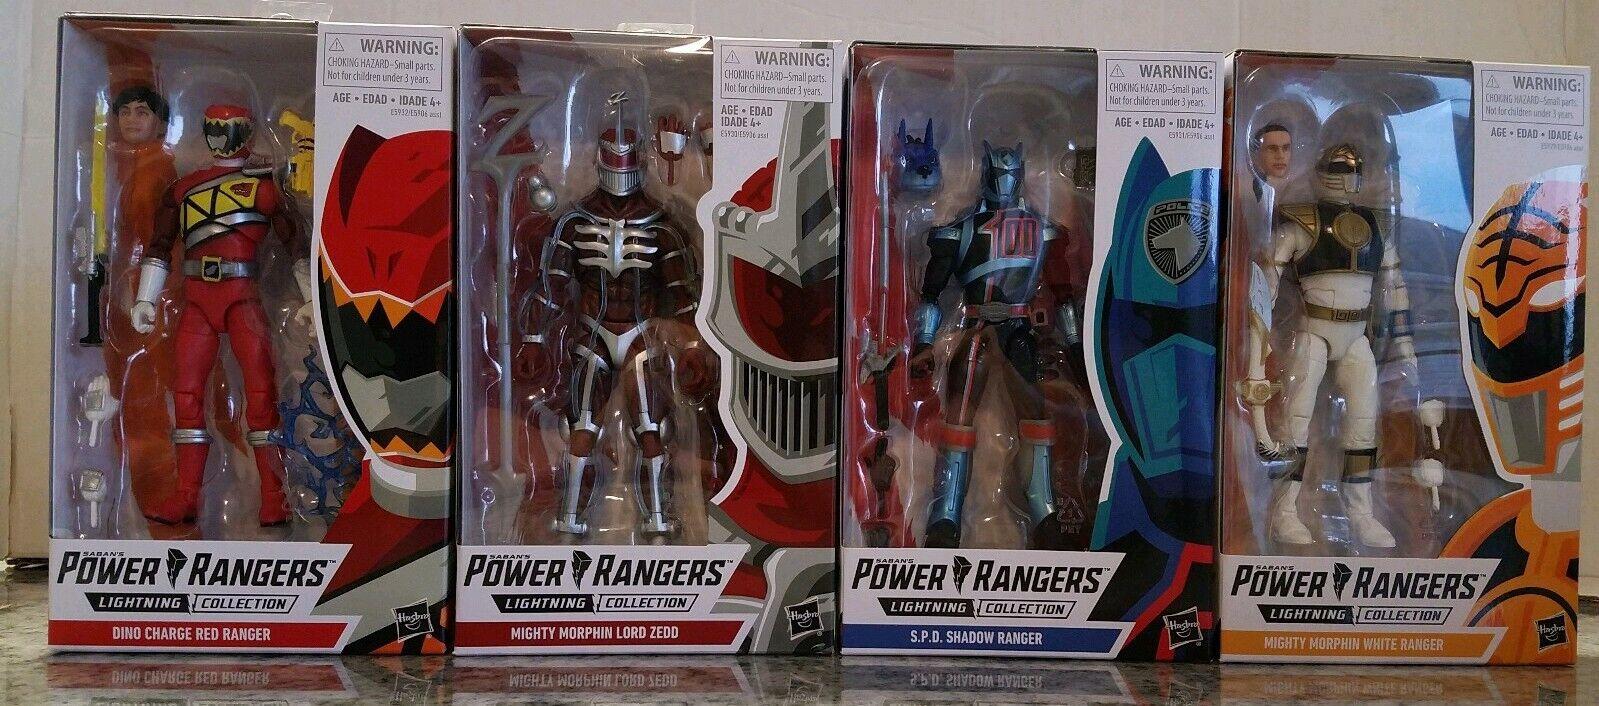 energia Rangers Lightning collezione azione cifra Wave 1 completare Set Hasbro ZEDD